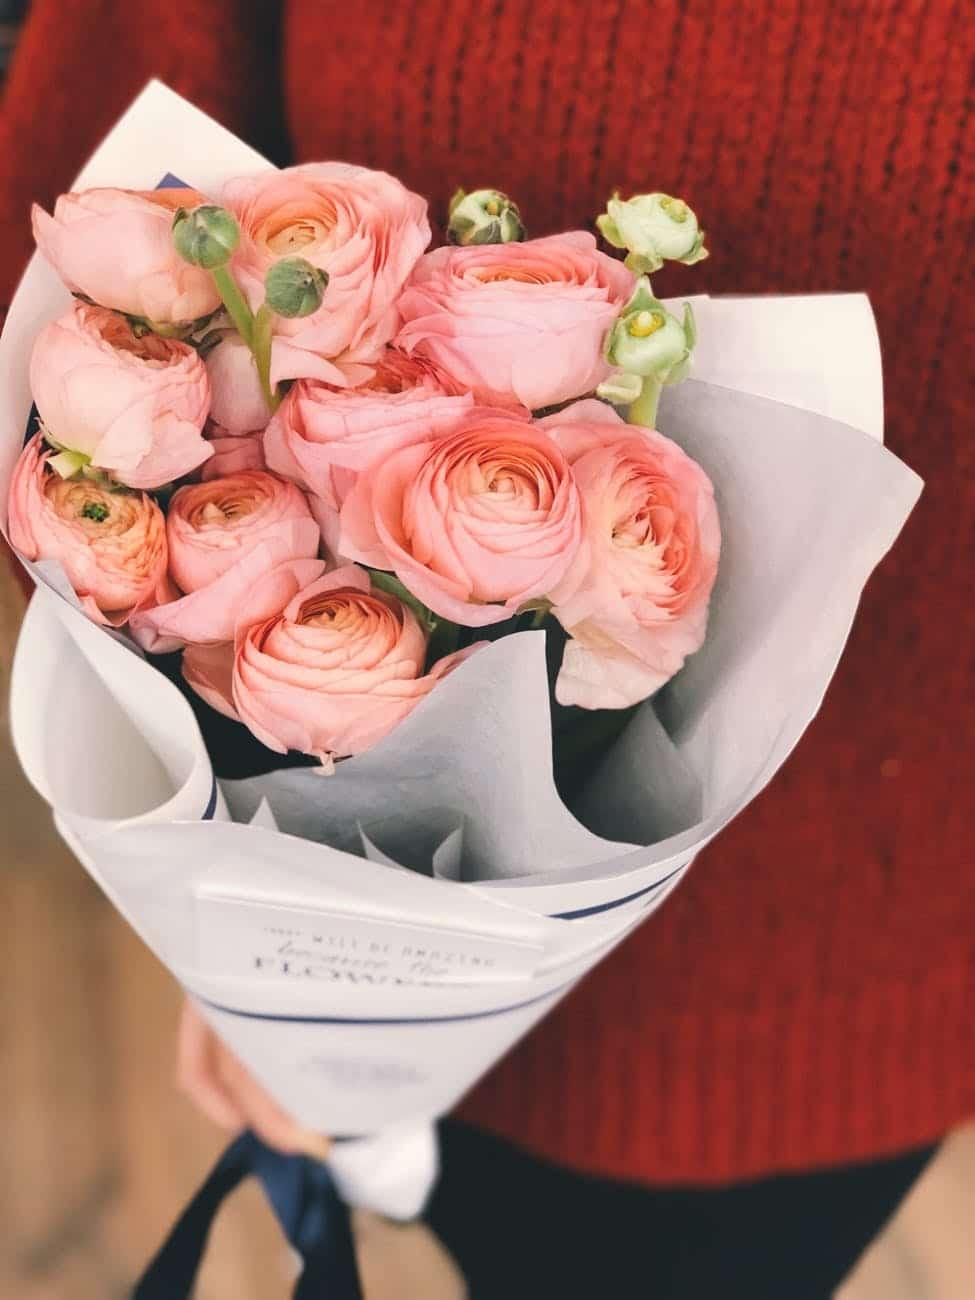 Quà tặng phụ nữ trung niên là hoa